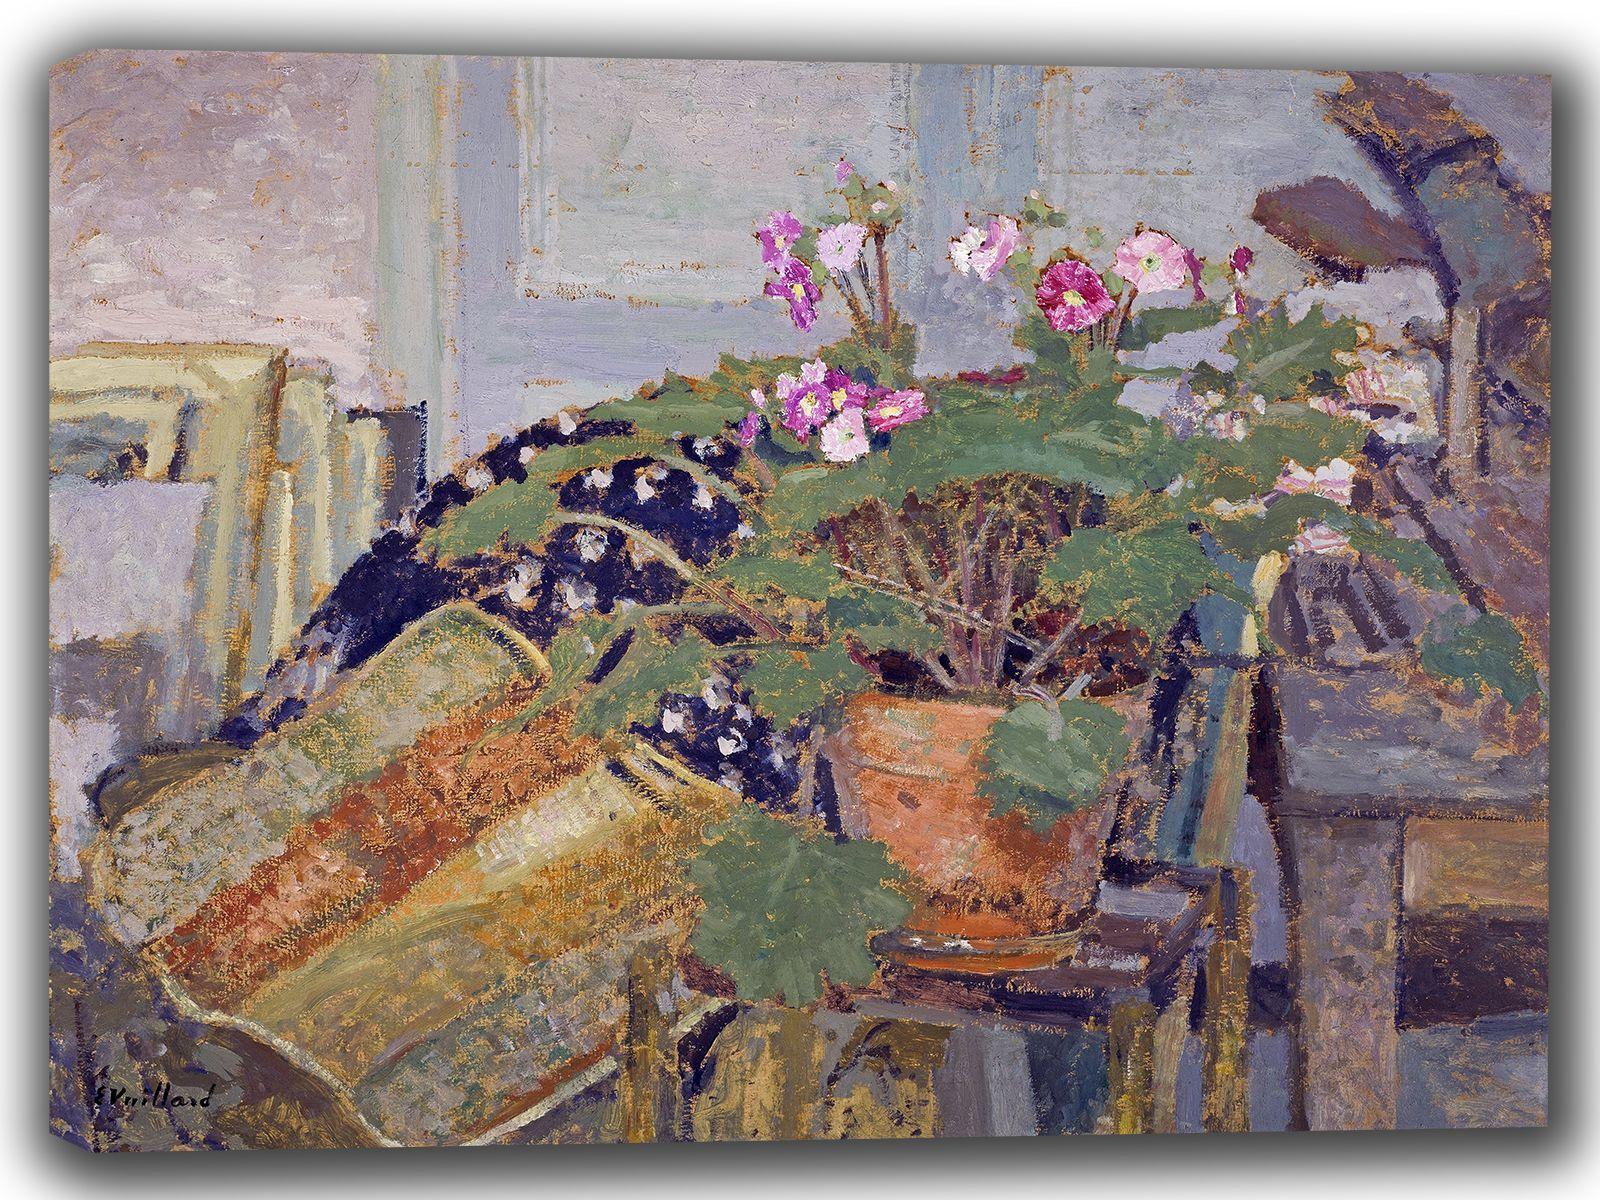 Vuillard, Edouard: Pot of Flowers. Fine Art Canvas. Sizes: A4/A3/A2/A1 (002202)